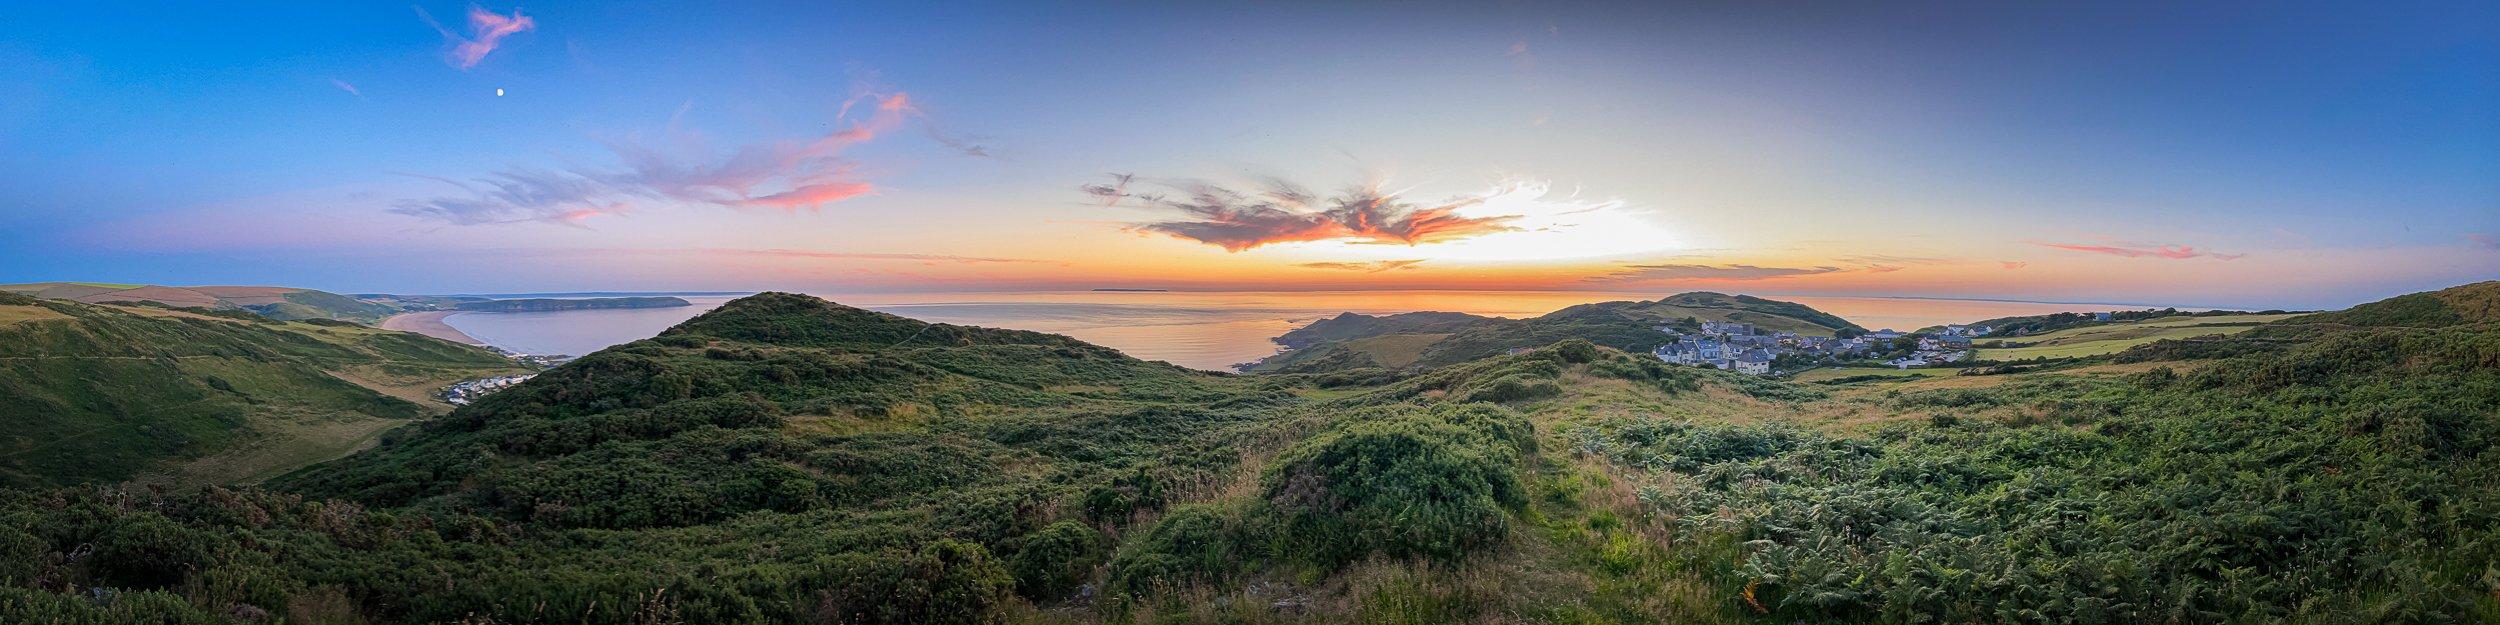 Sunset over Woolacombe & Mortehoe